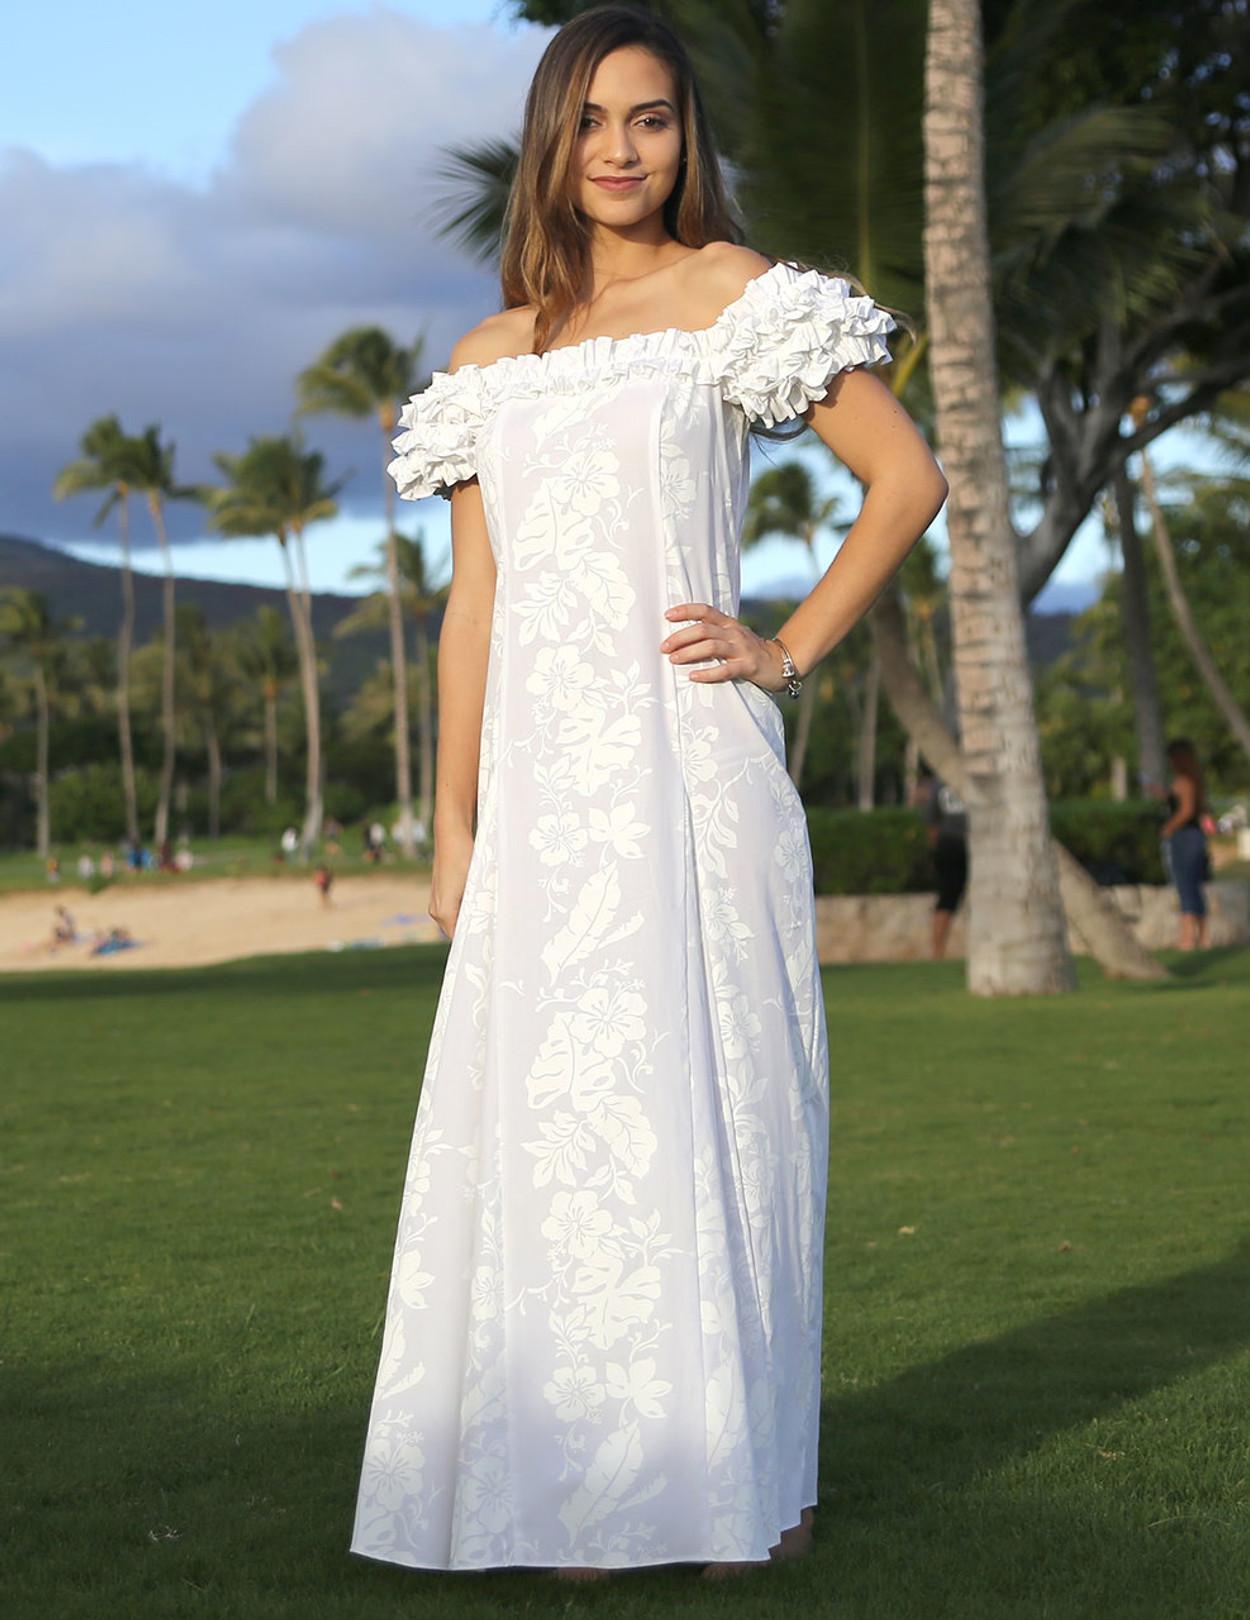 Hawaiian Leis White Wedding Ruffled Dress - Hawaiian Wedding Place